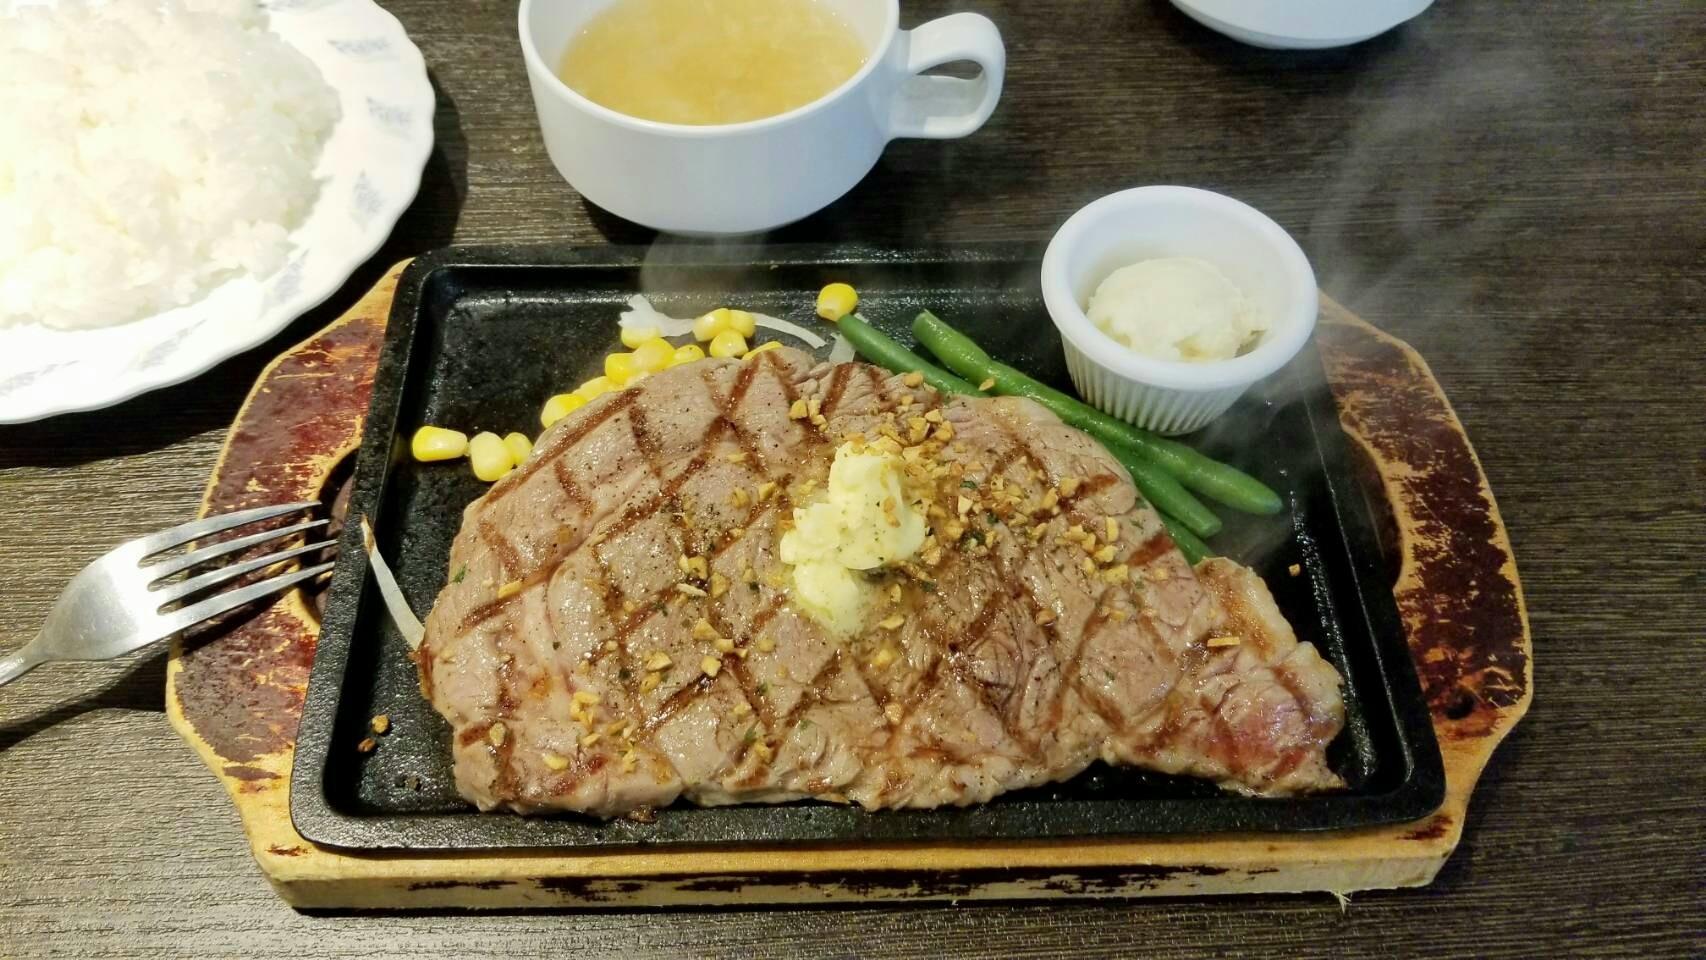 愛媛県松山市ステーキ食堂おいしい安いコスパ良い最高大好きグルメ